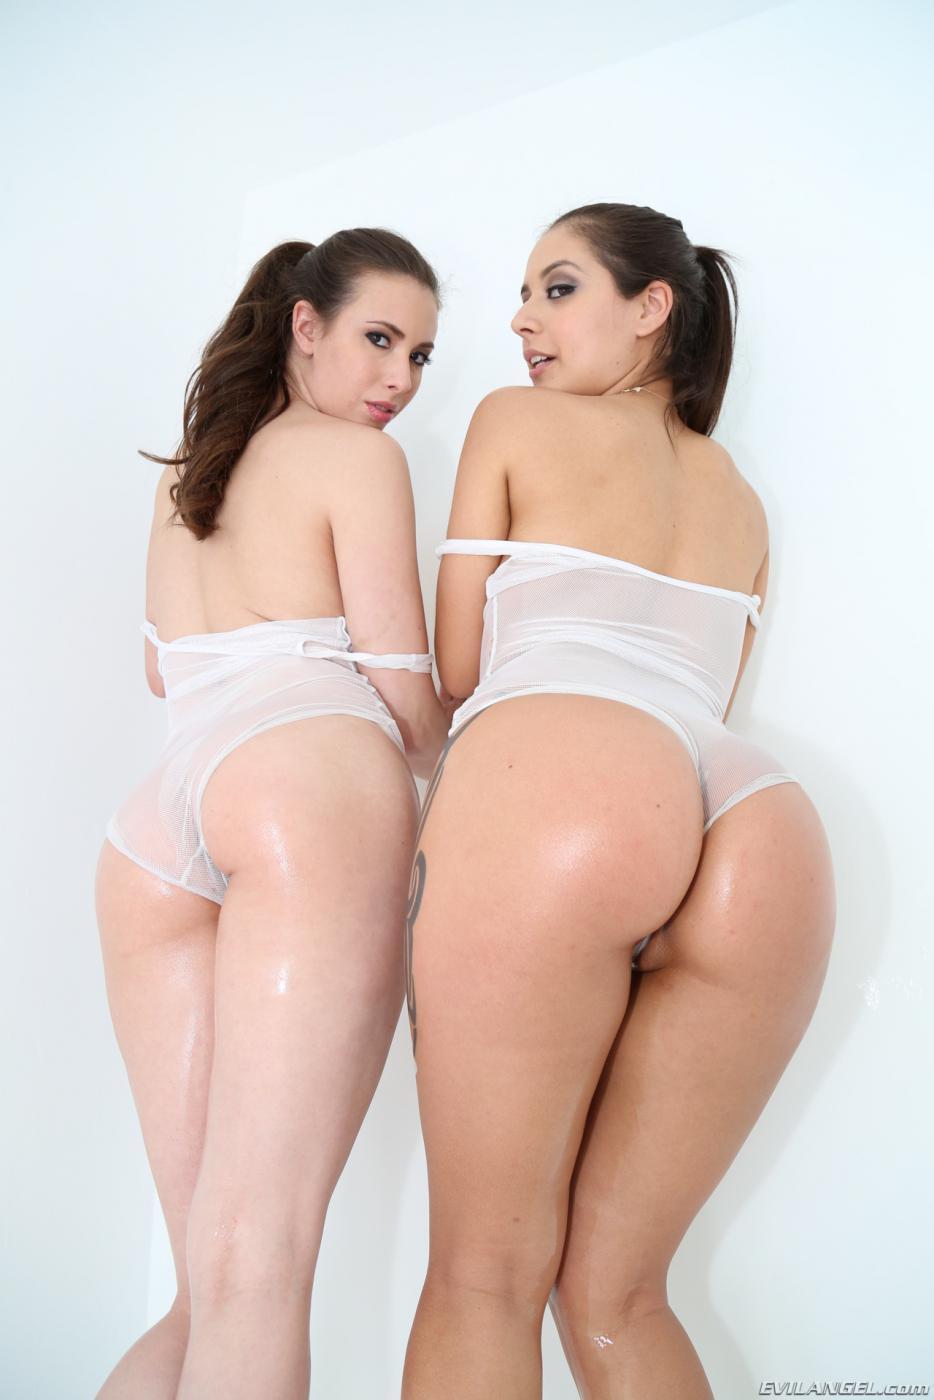 Большие аппетитные задницы сексапильных брюнеток Jynx Maze и Casey Calvert